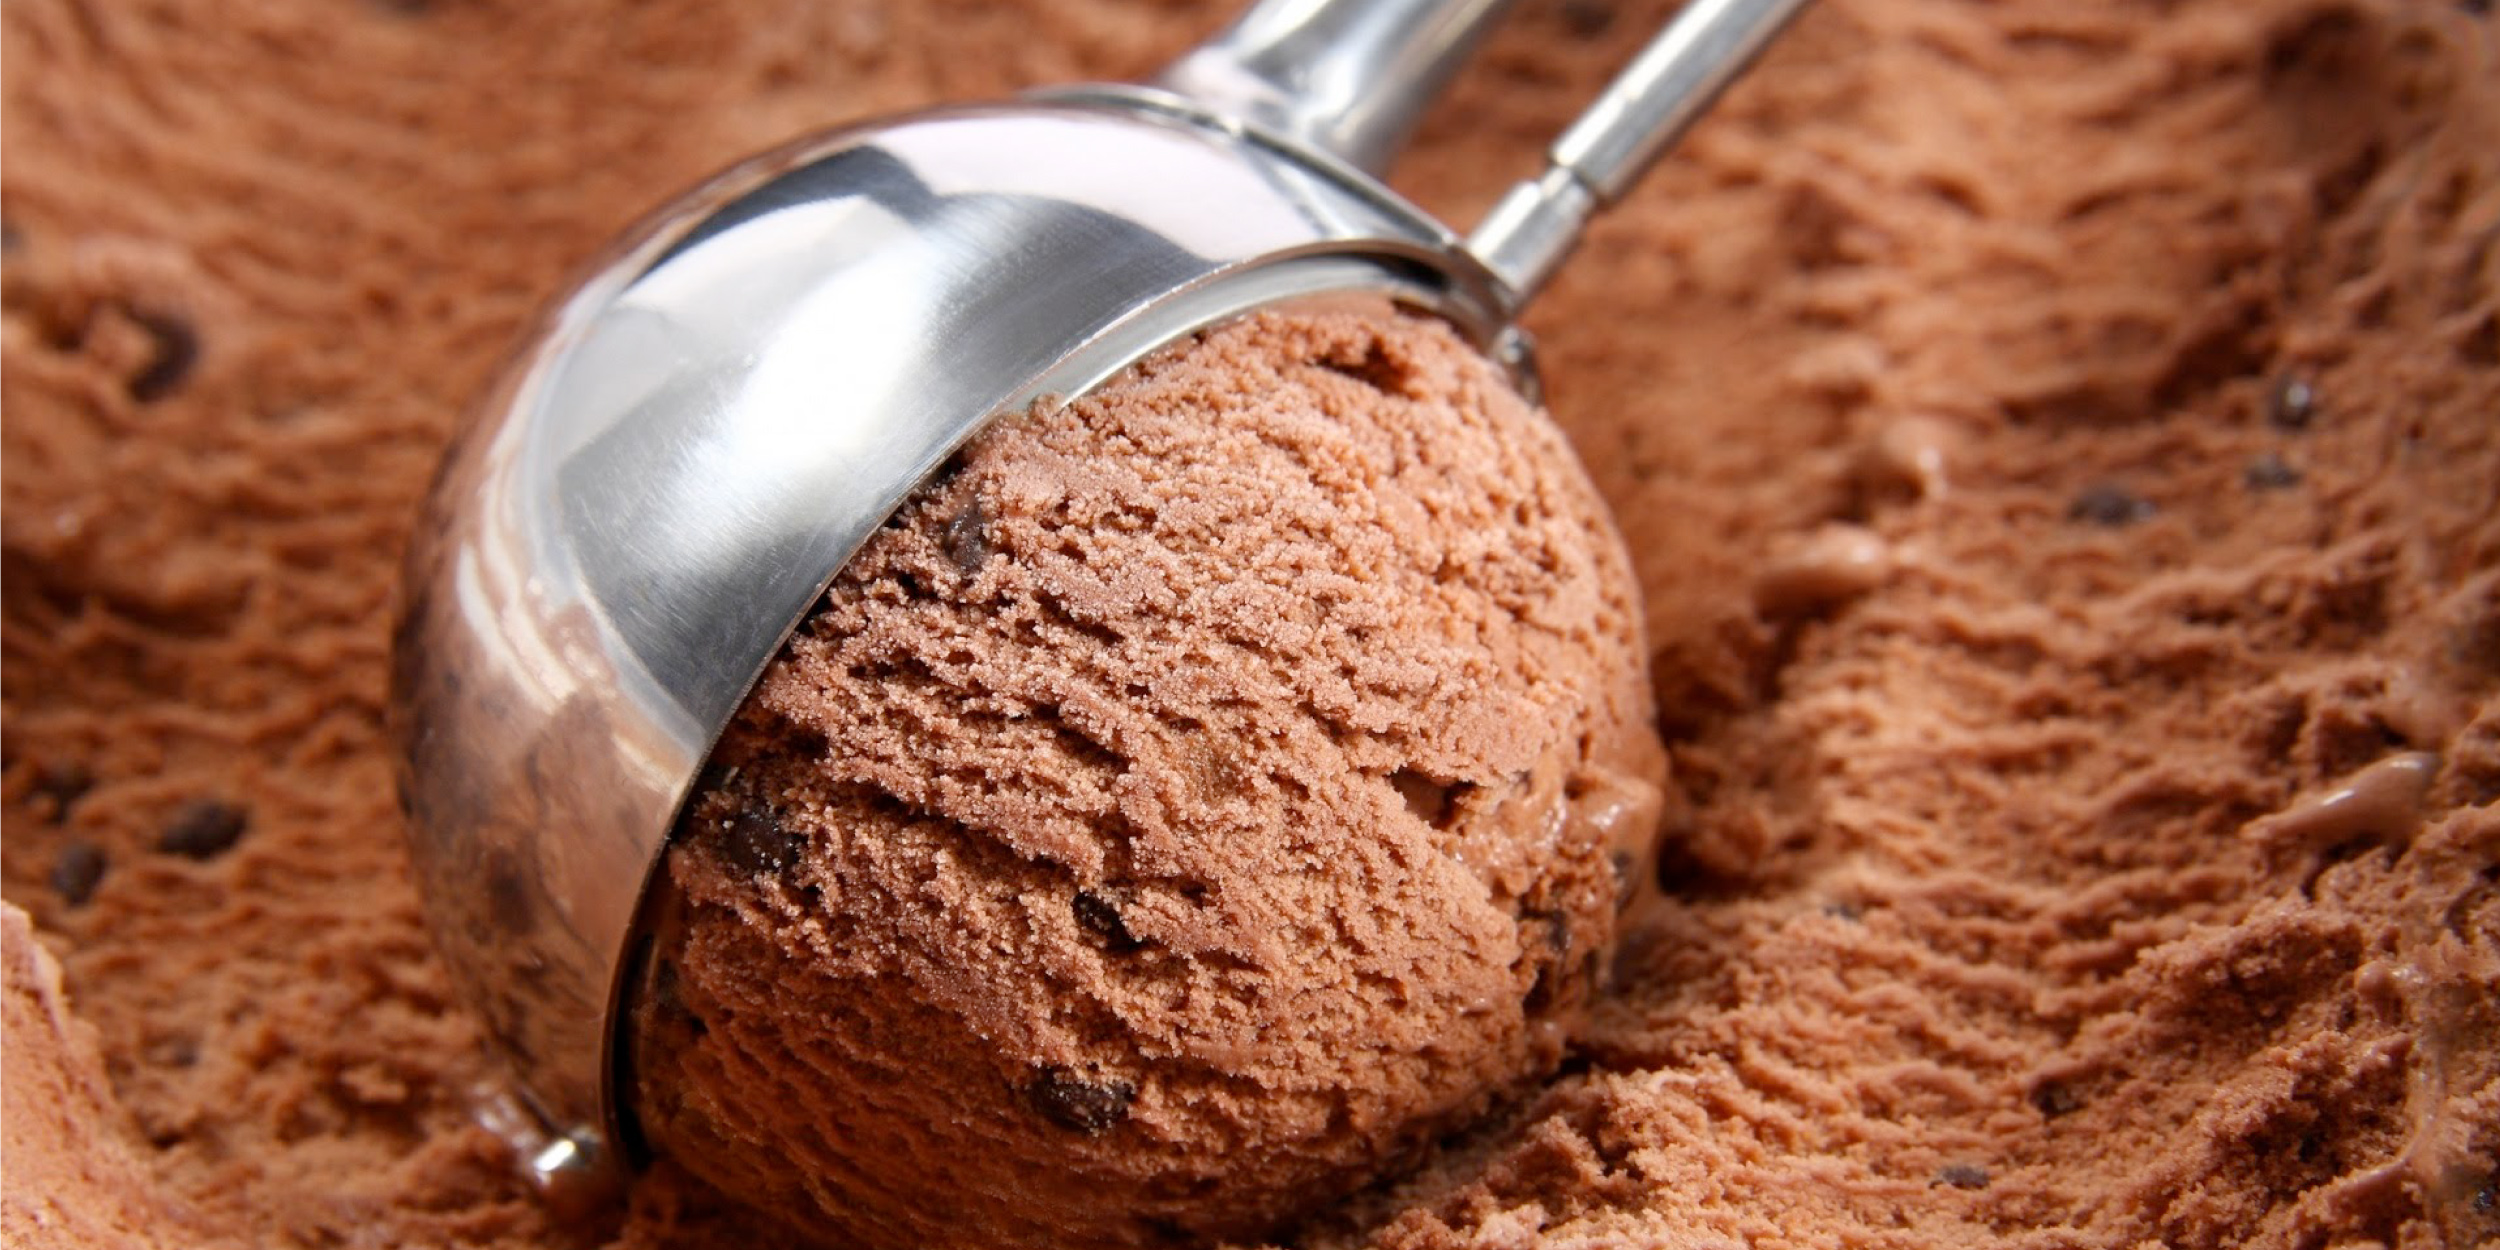 Находки AliExpress: соковыжималка для цитрусовых, кабель для зарядки и ложка для мороженого